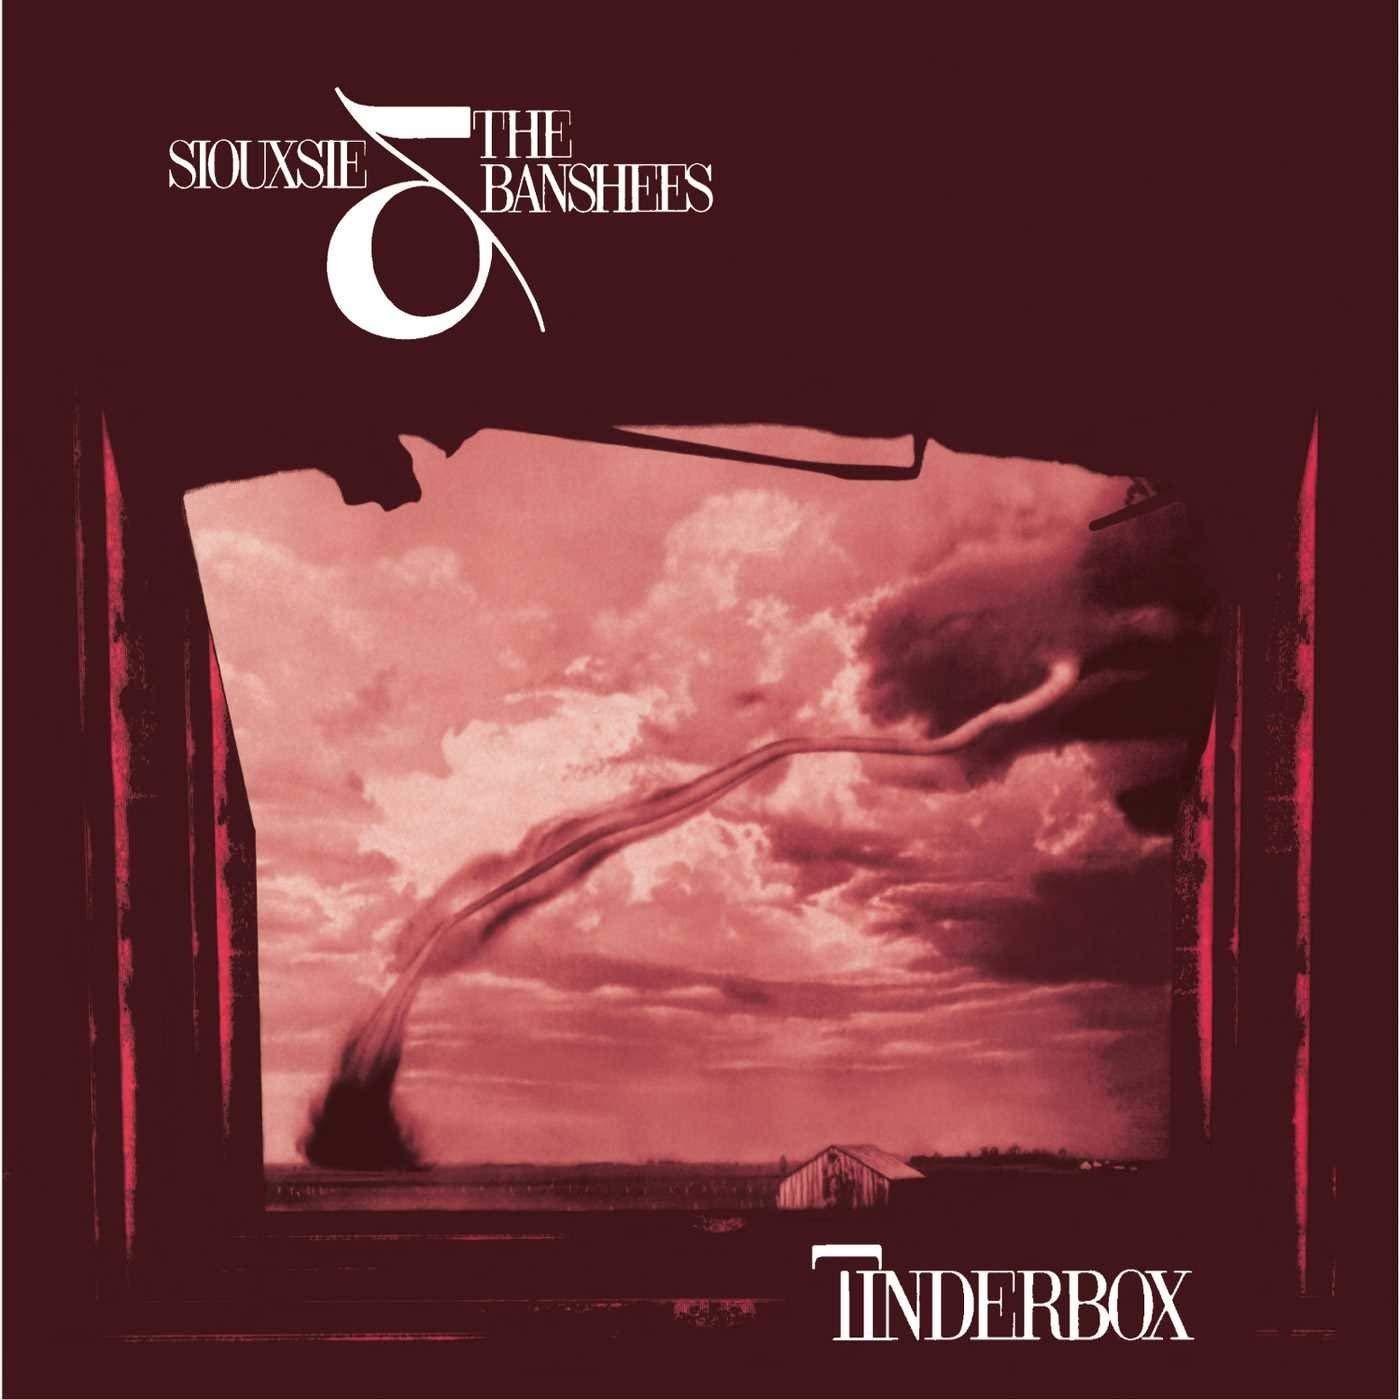 Siouxsie & The Banshees - Tinderbox 180 gram Vinyl £9.99 (Prime) / £12.98 (non Prime) at Amazon